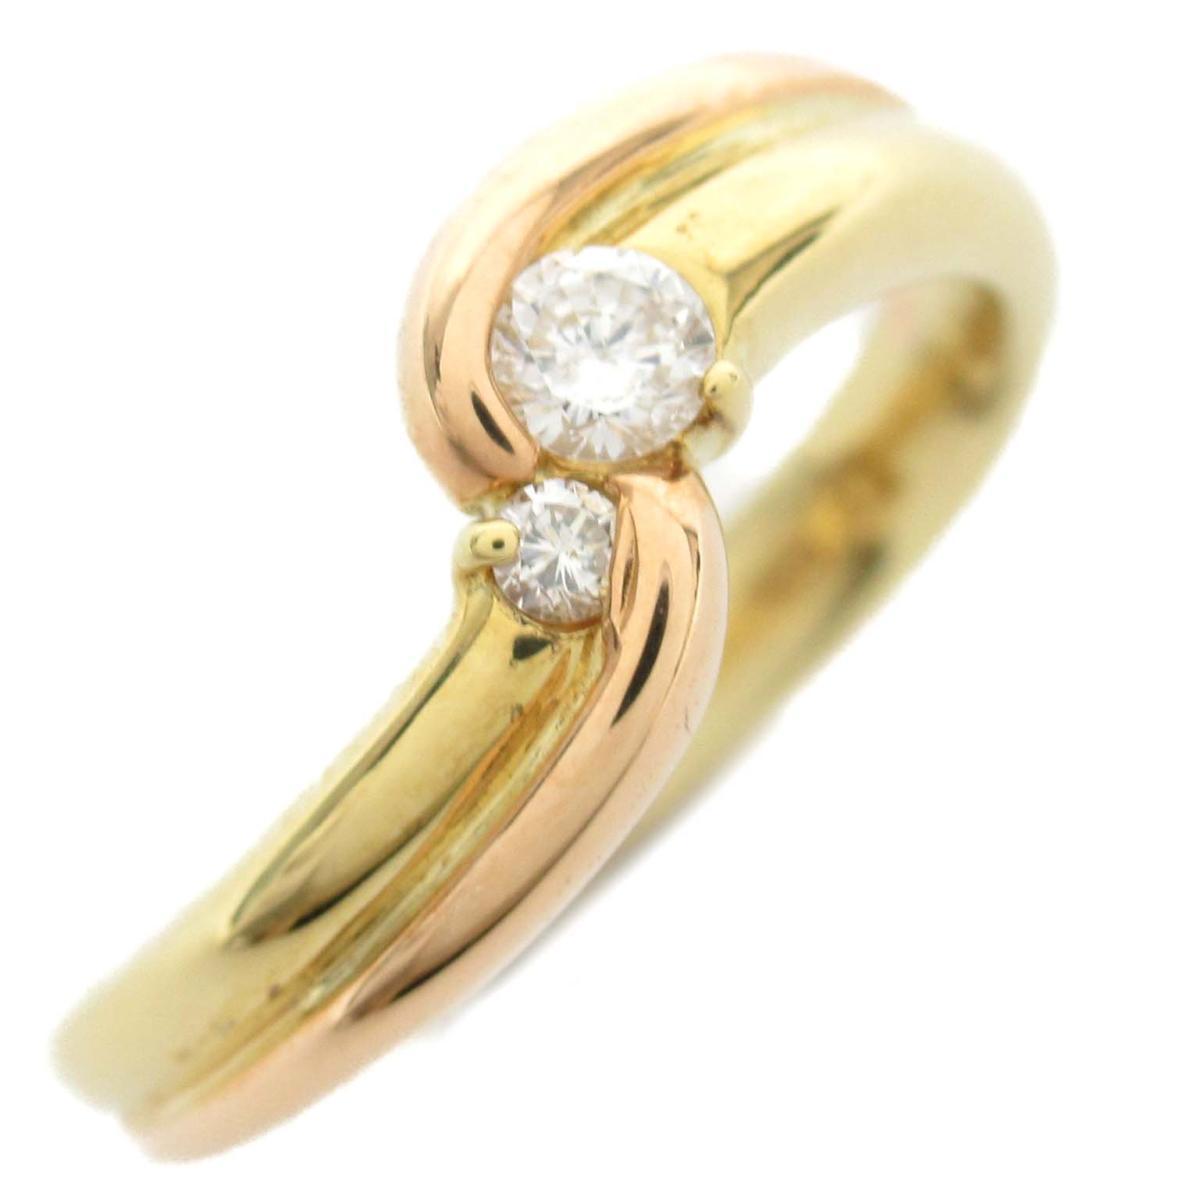 ジュエリー ダイヤモンド リング 指輪 ノーブランドジュエリー レディース 18Kイエローゴールド x 18Kピンクゴールド ダイヤモンド0.11ct 【中古】 | JEWELRY BRANDOFF ブランドオフ アクセサリー